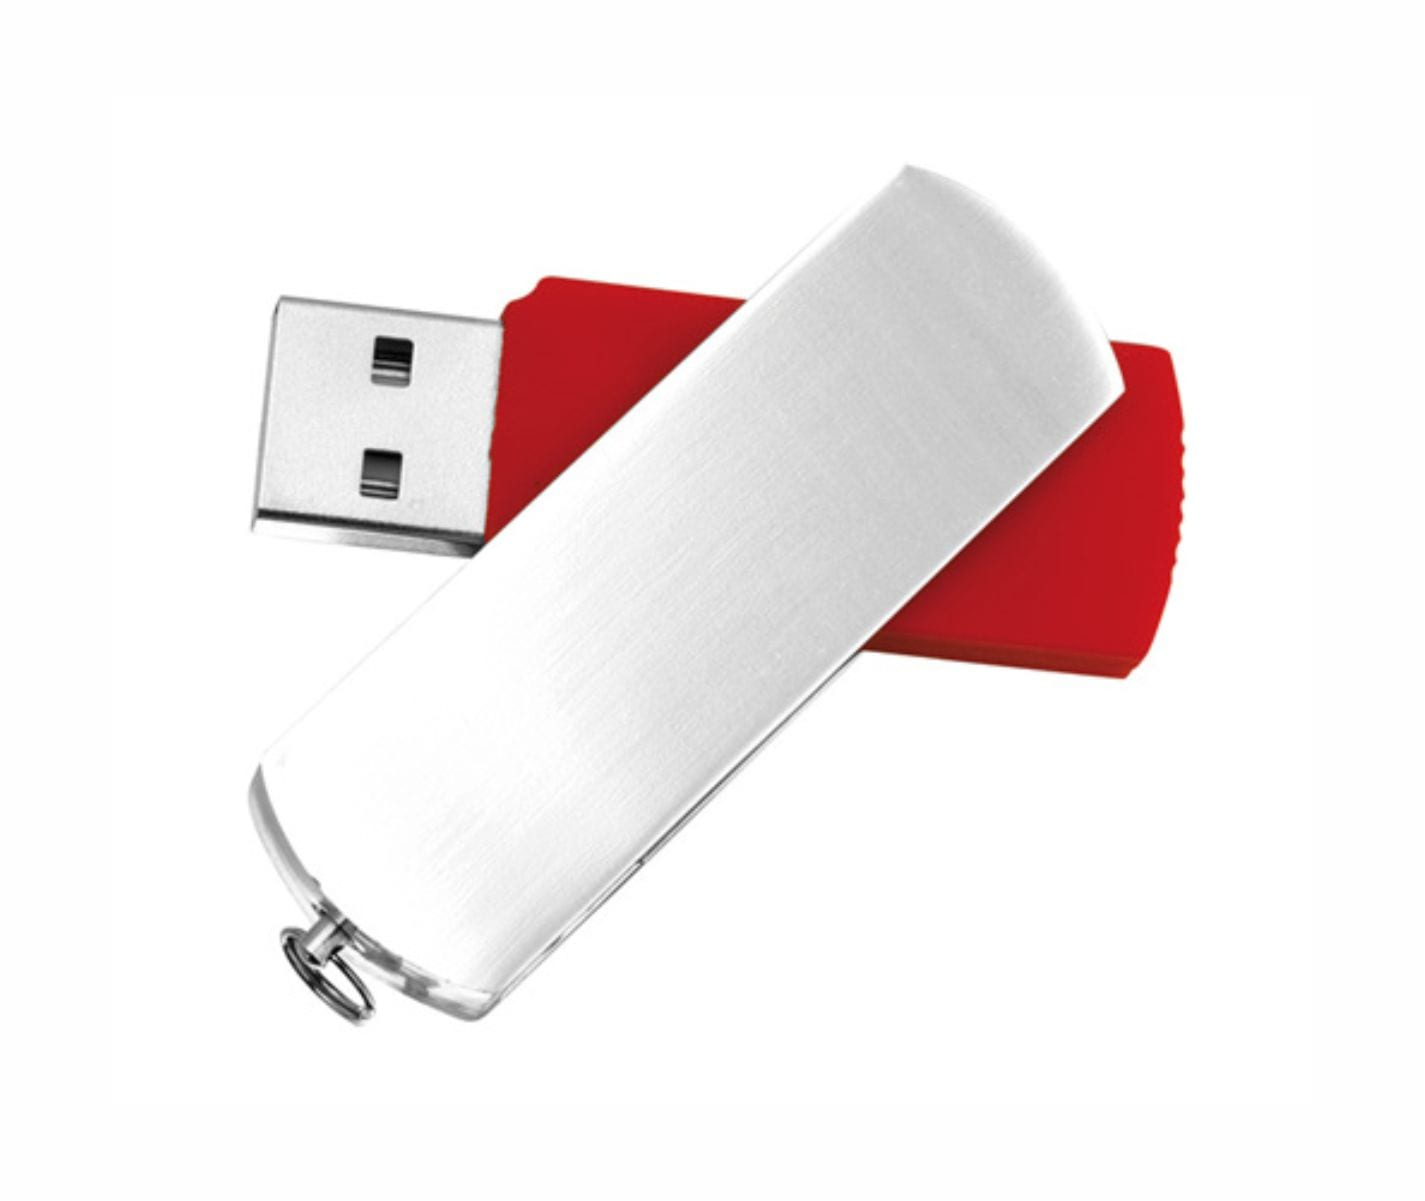 Usb Aluminio Personalizable Rojo